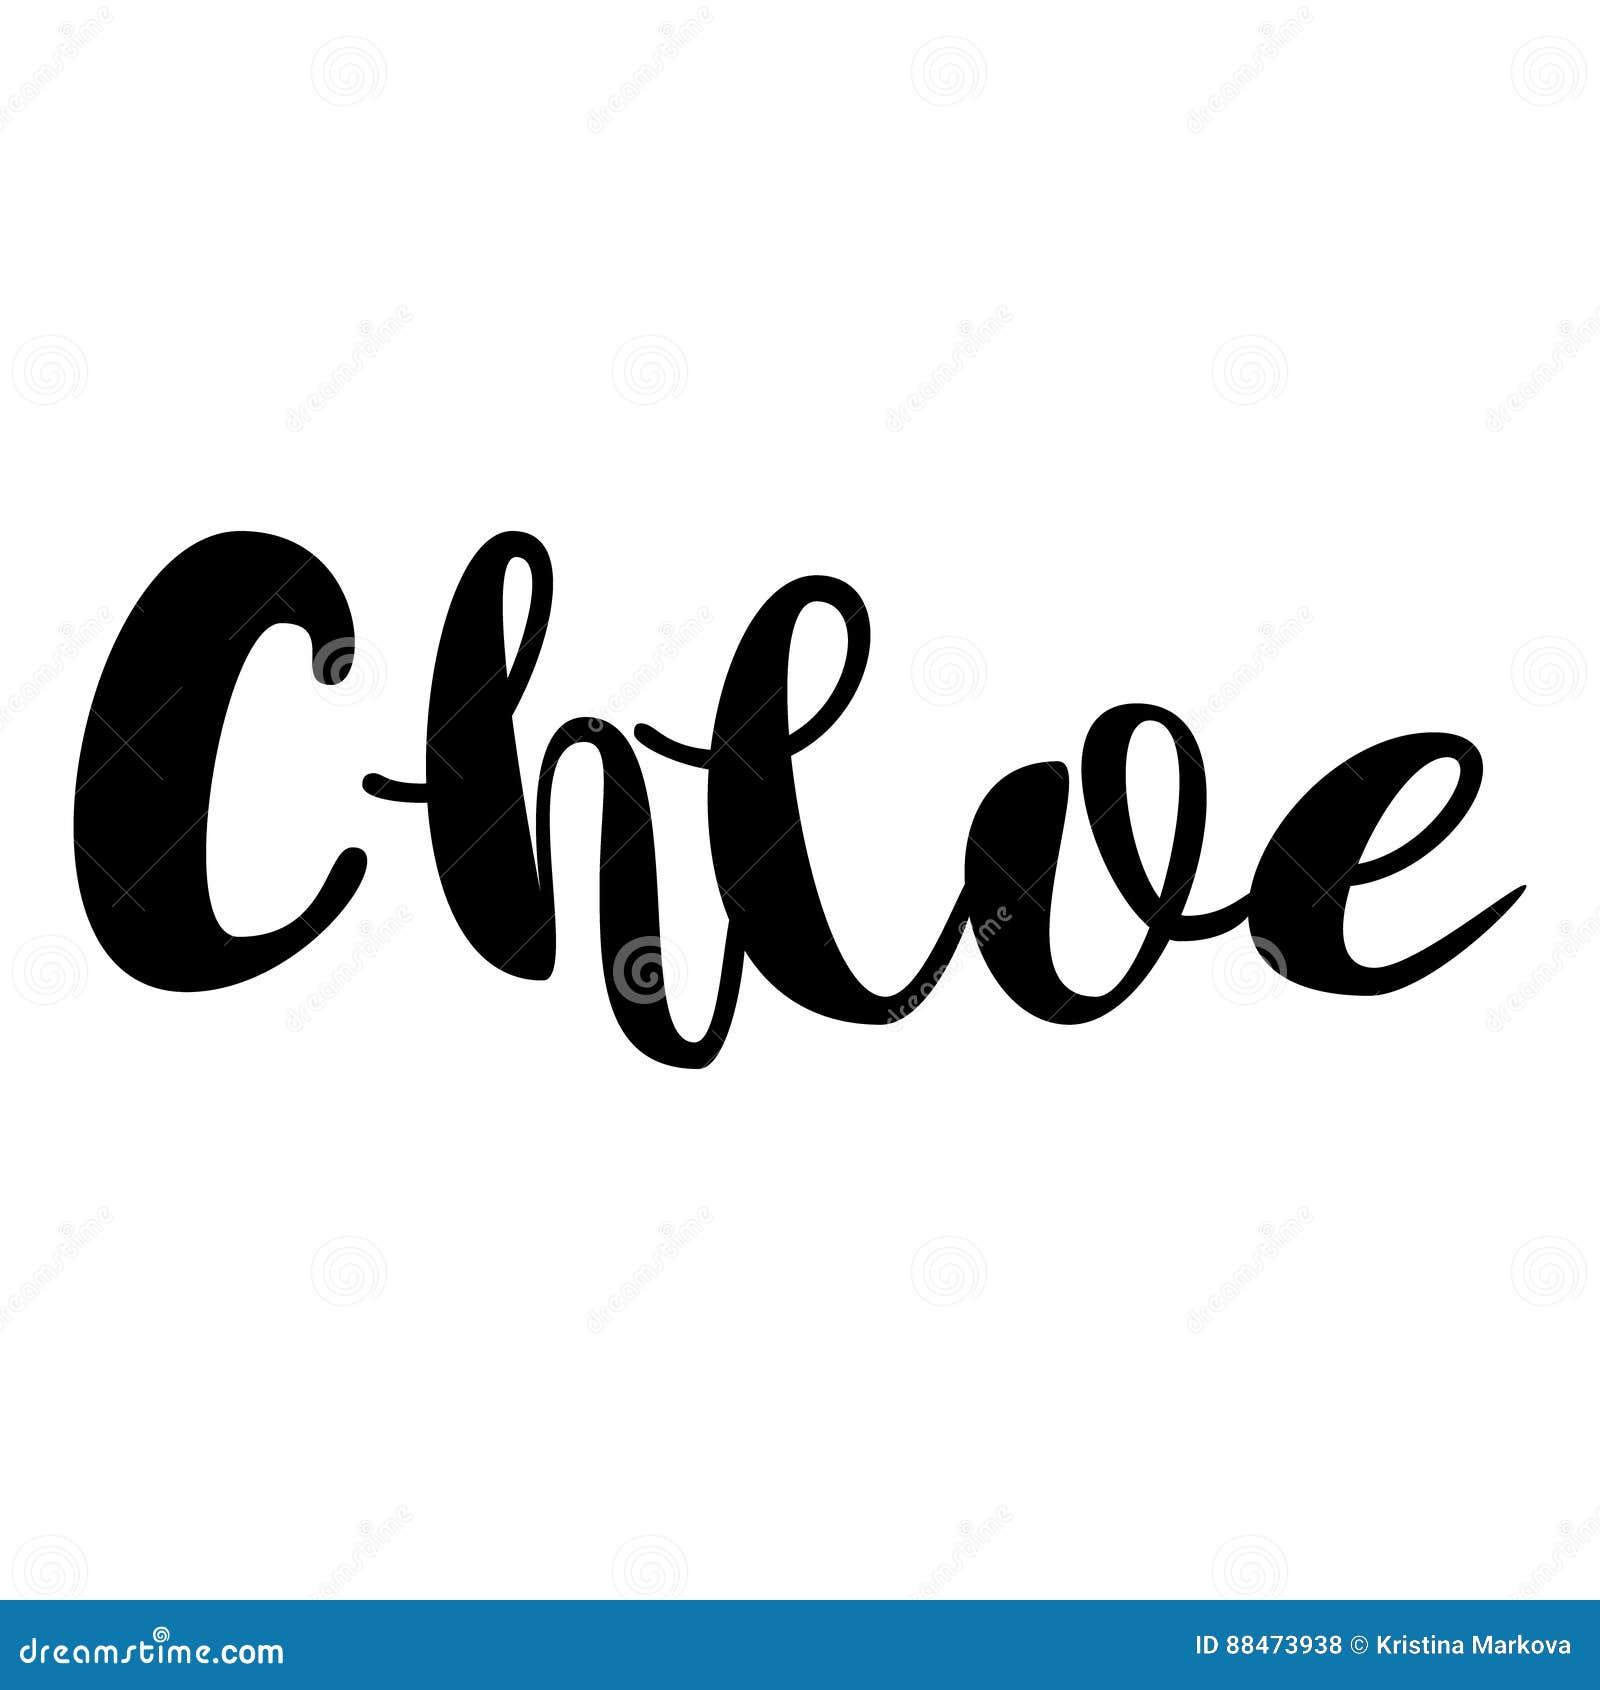 Female Name Chloe Lettering Design Handwritten Typography V